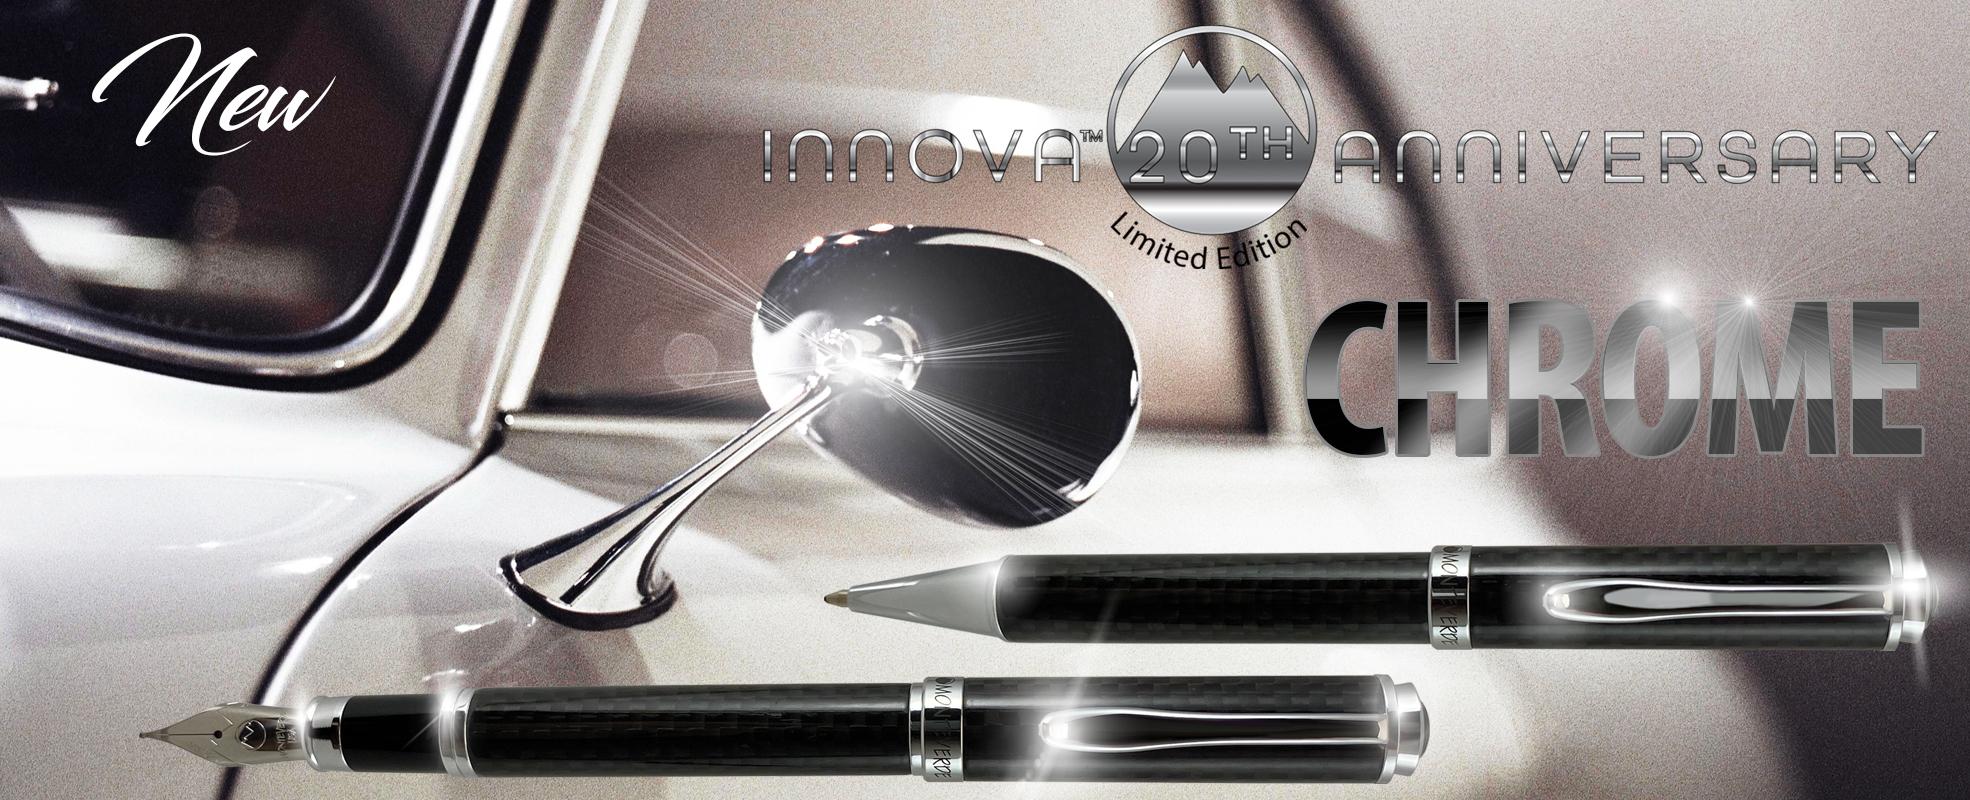 innova-chrome-banner.jpg